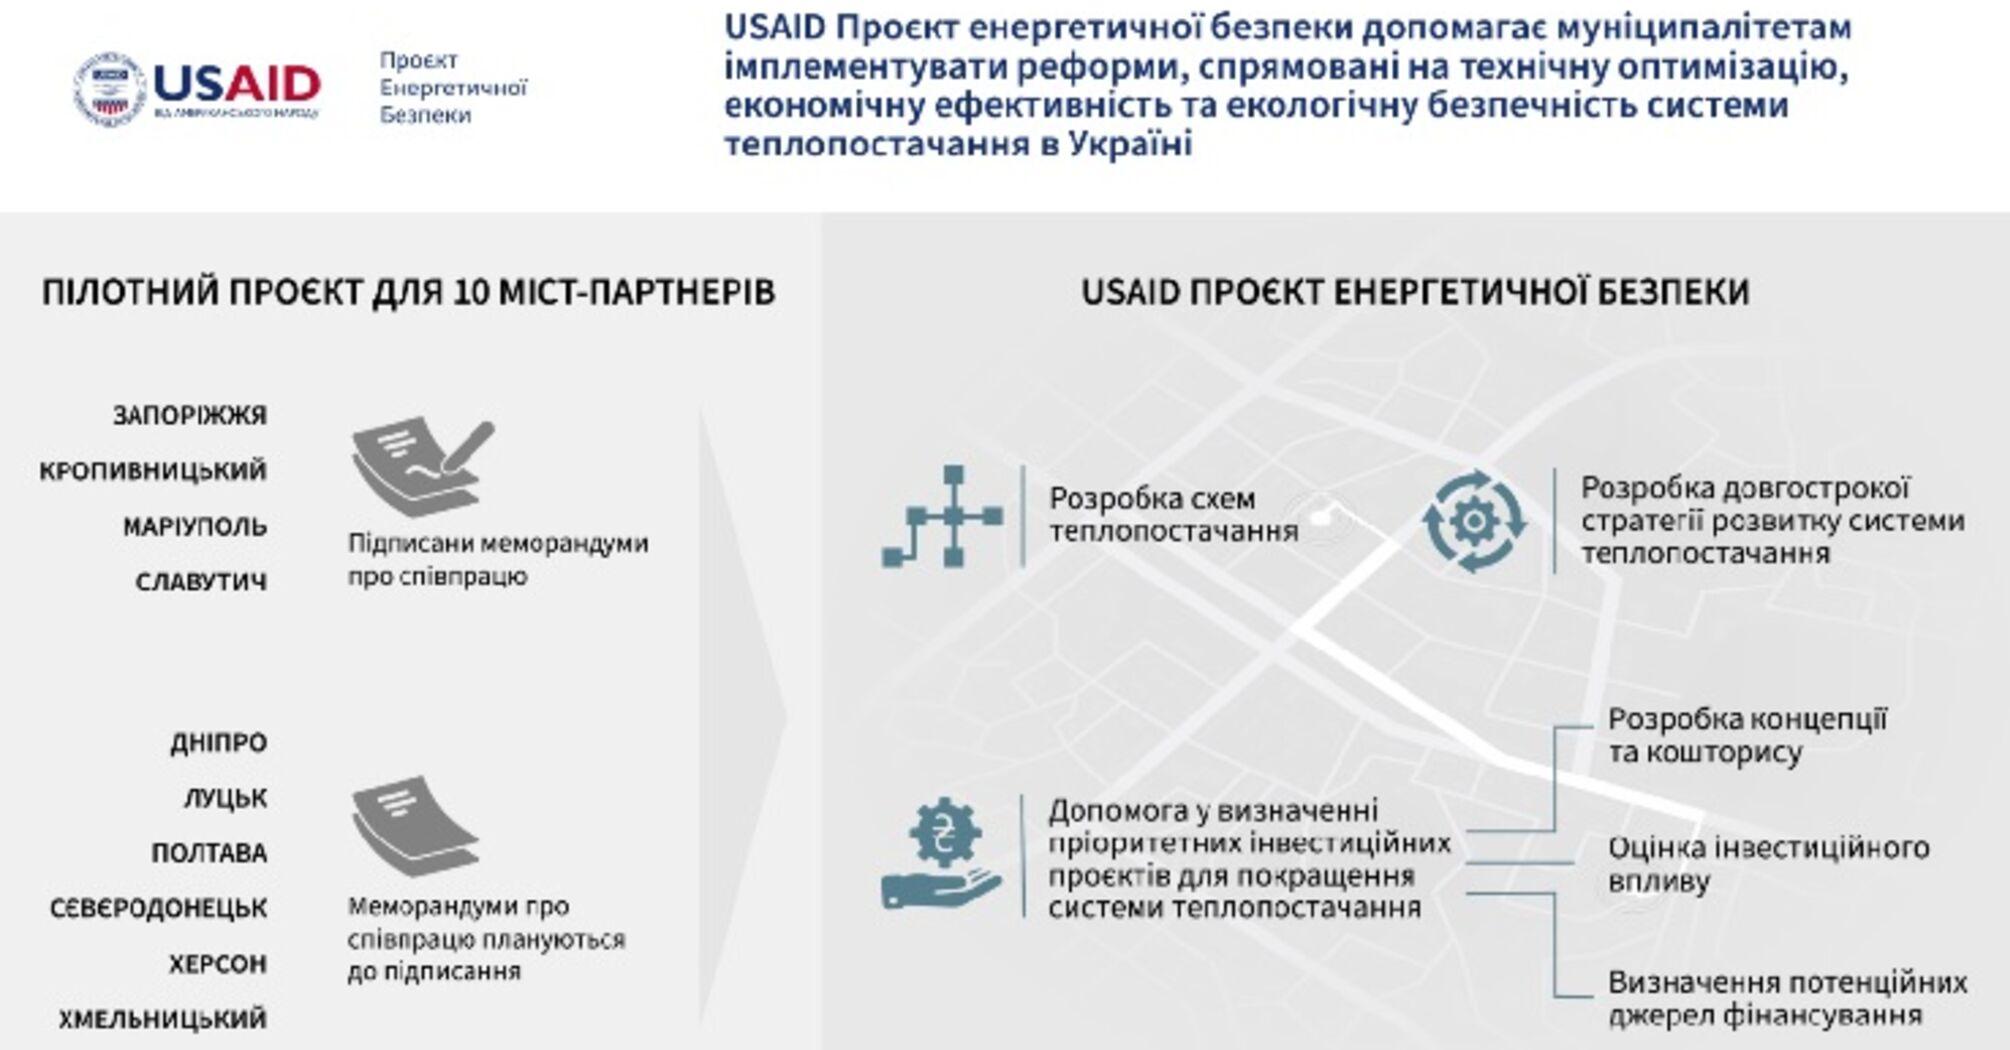 USAID допоможе 10 українським містам оптимізувати схеми теплопостачання